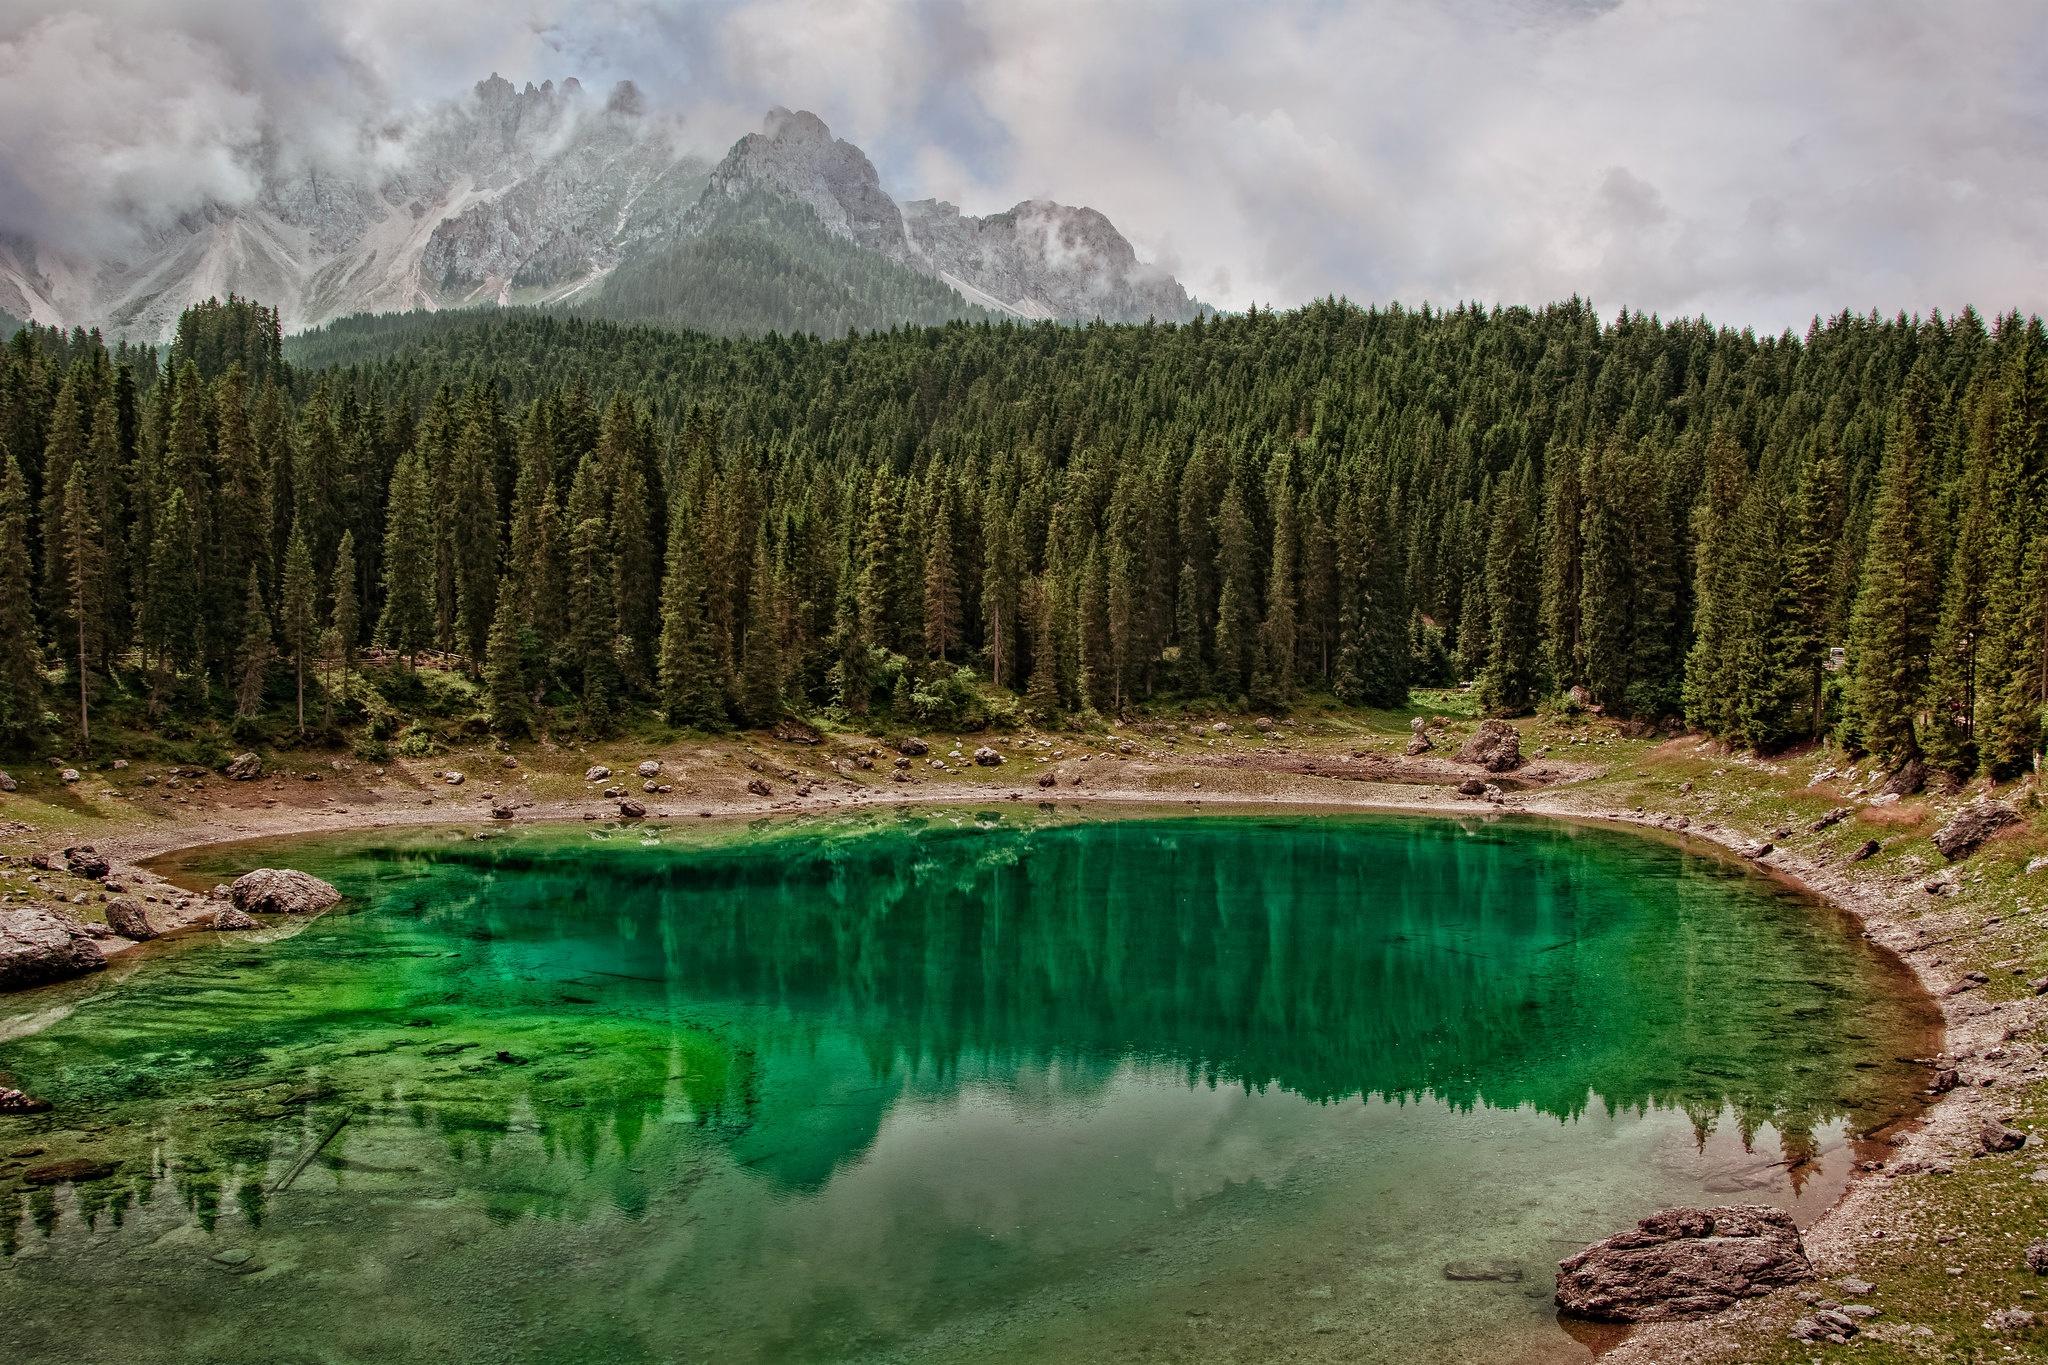 картинки фото озера внутри гор сбоку будет фильтр